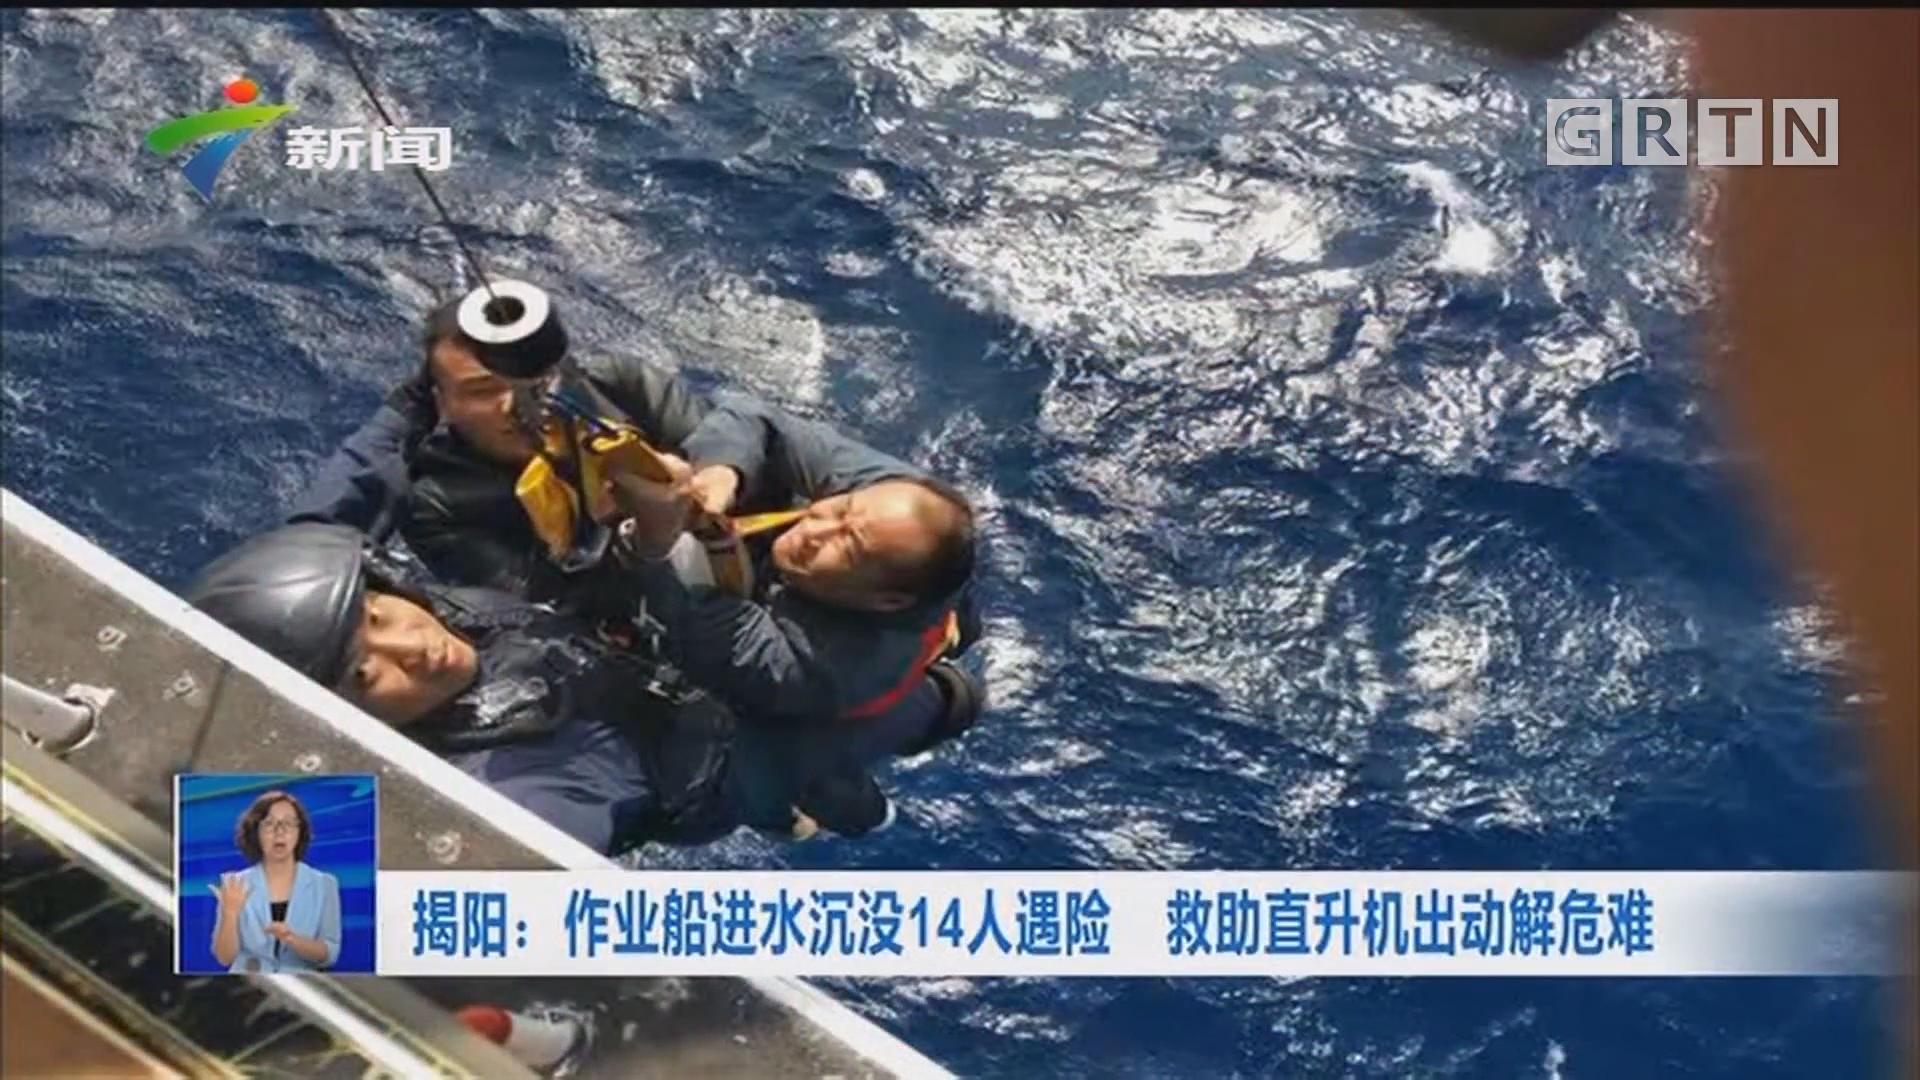 揭阳:作业船进水沉没14人遇险 救助直升机出动解危难